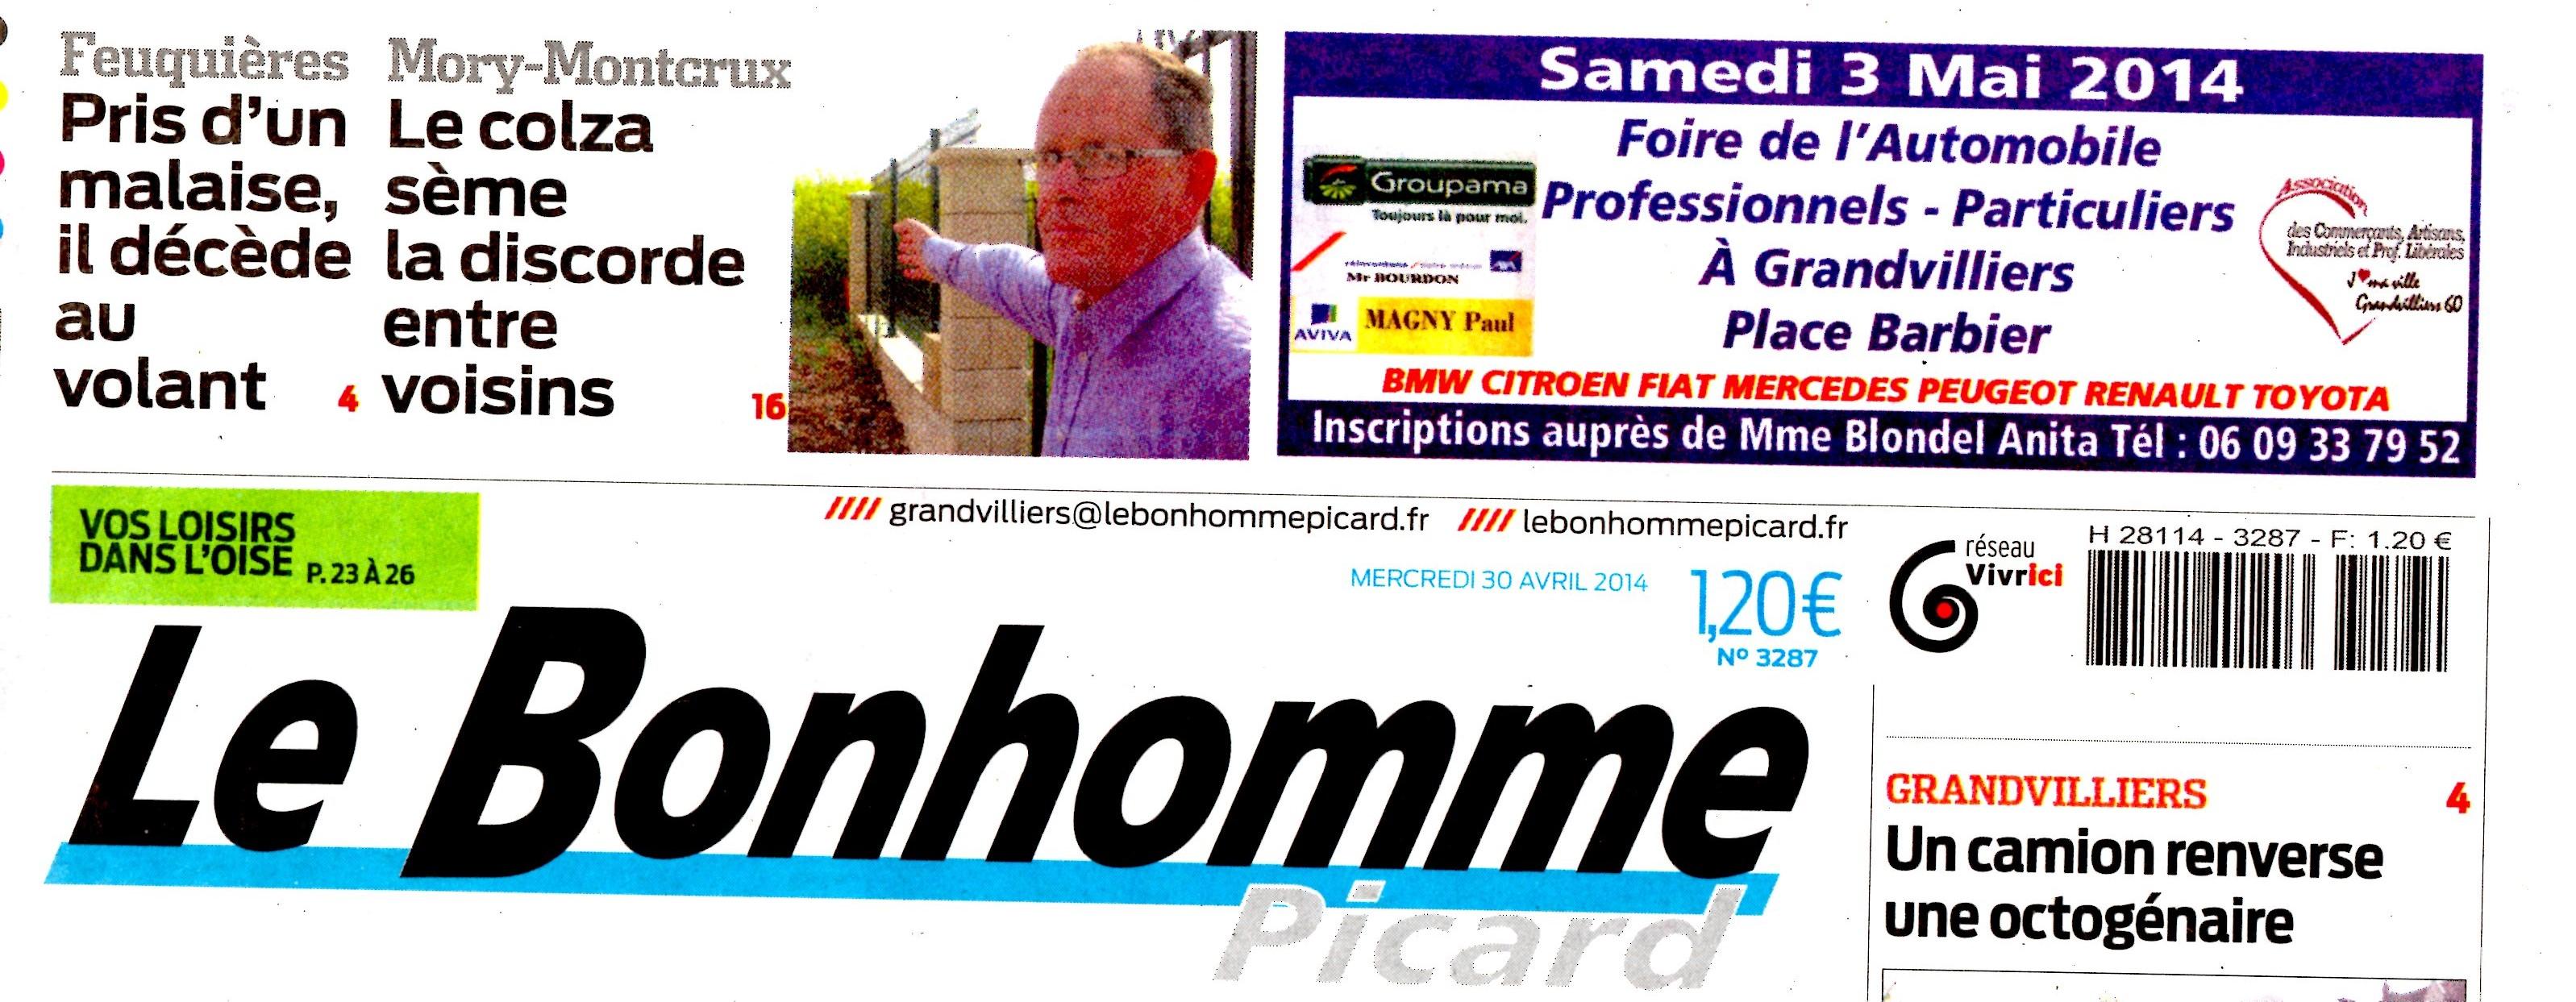 LE BOHOMME PICARD 30 AVRIL 2014001